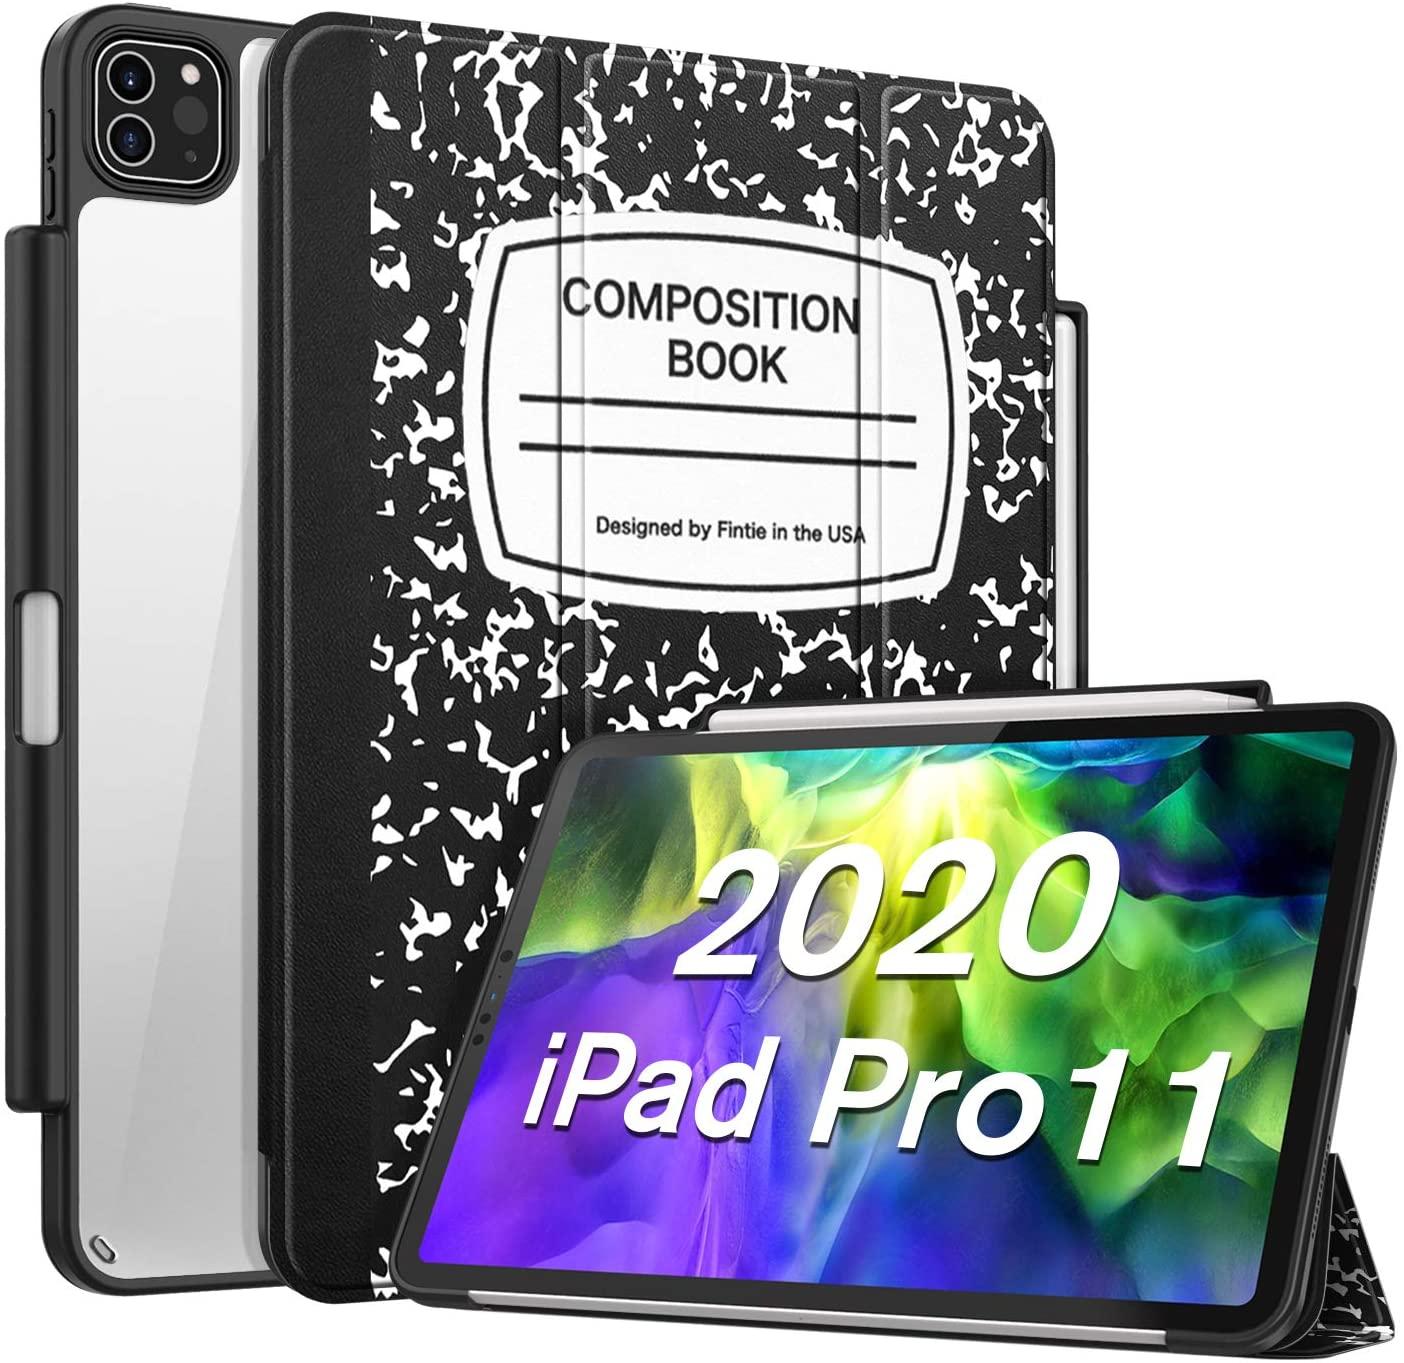 아이패드 프로 11인치 컴포지션북 케이스 애플펜슬홀더 애플펜슬 2세대 충전 모드 지원, 1. 2020 컴포지션Black